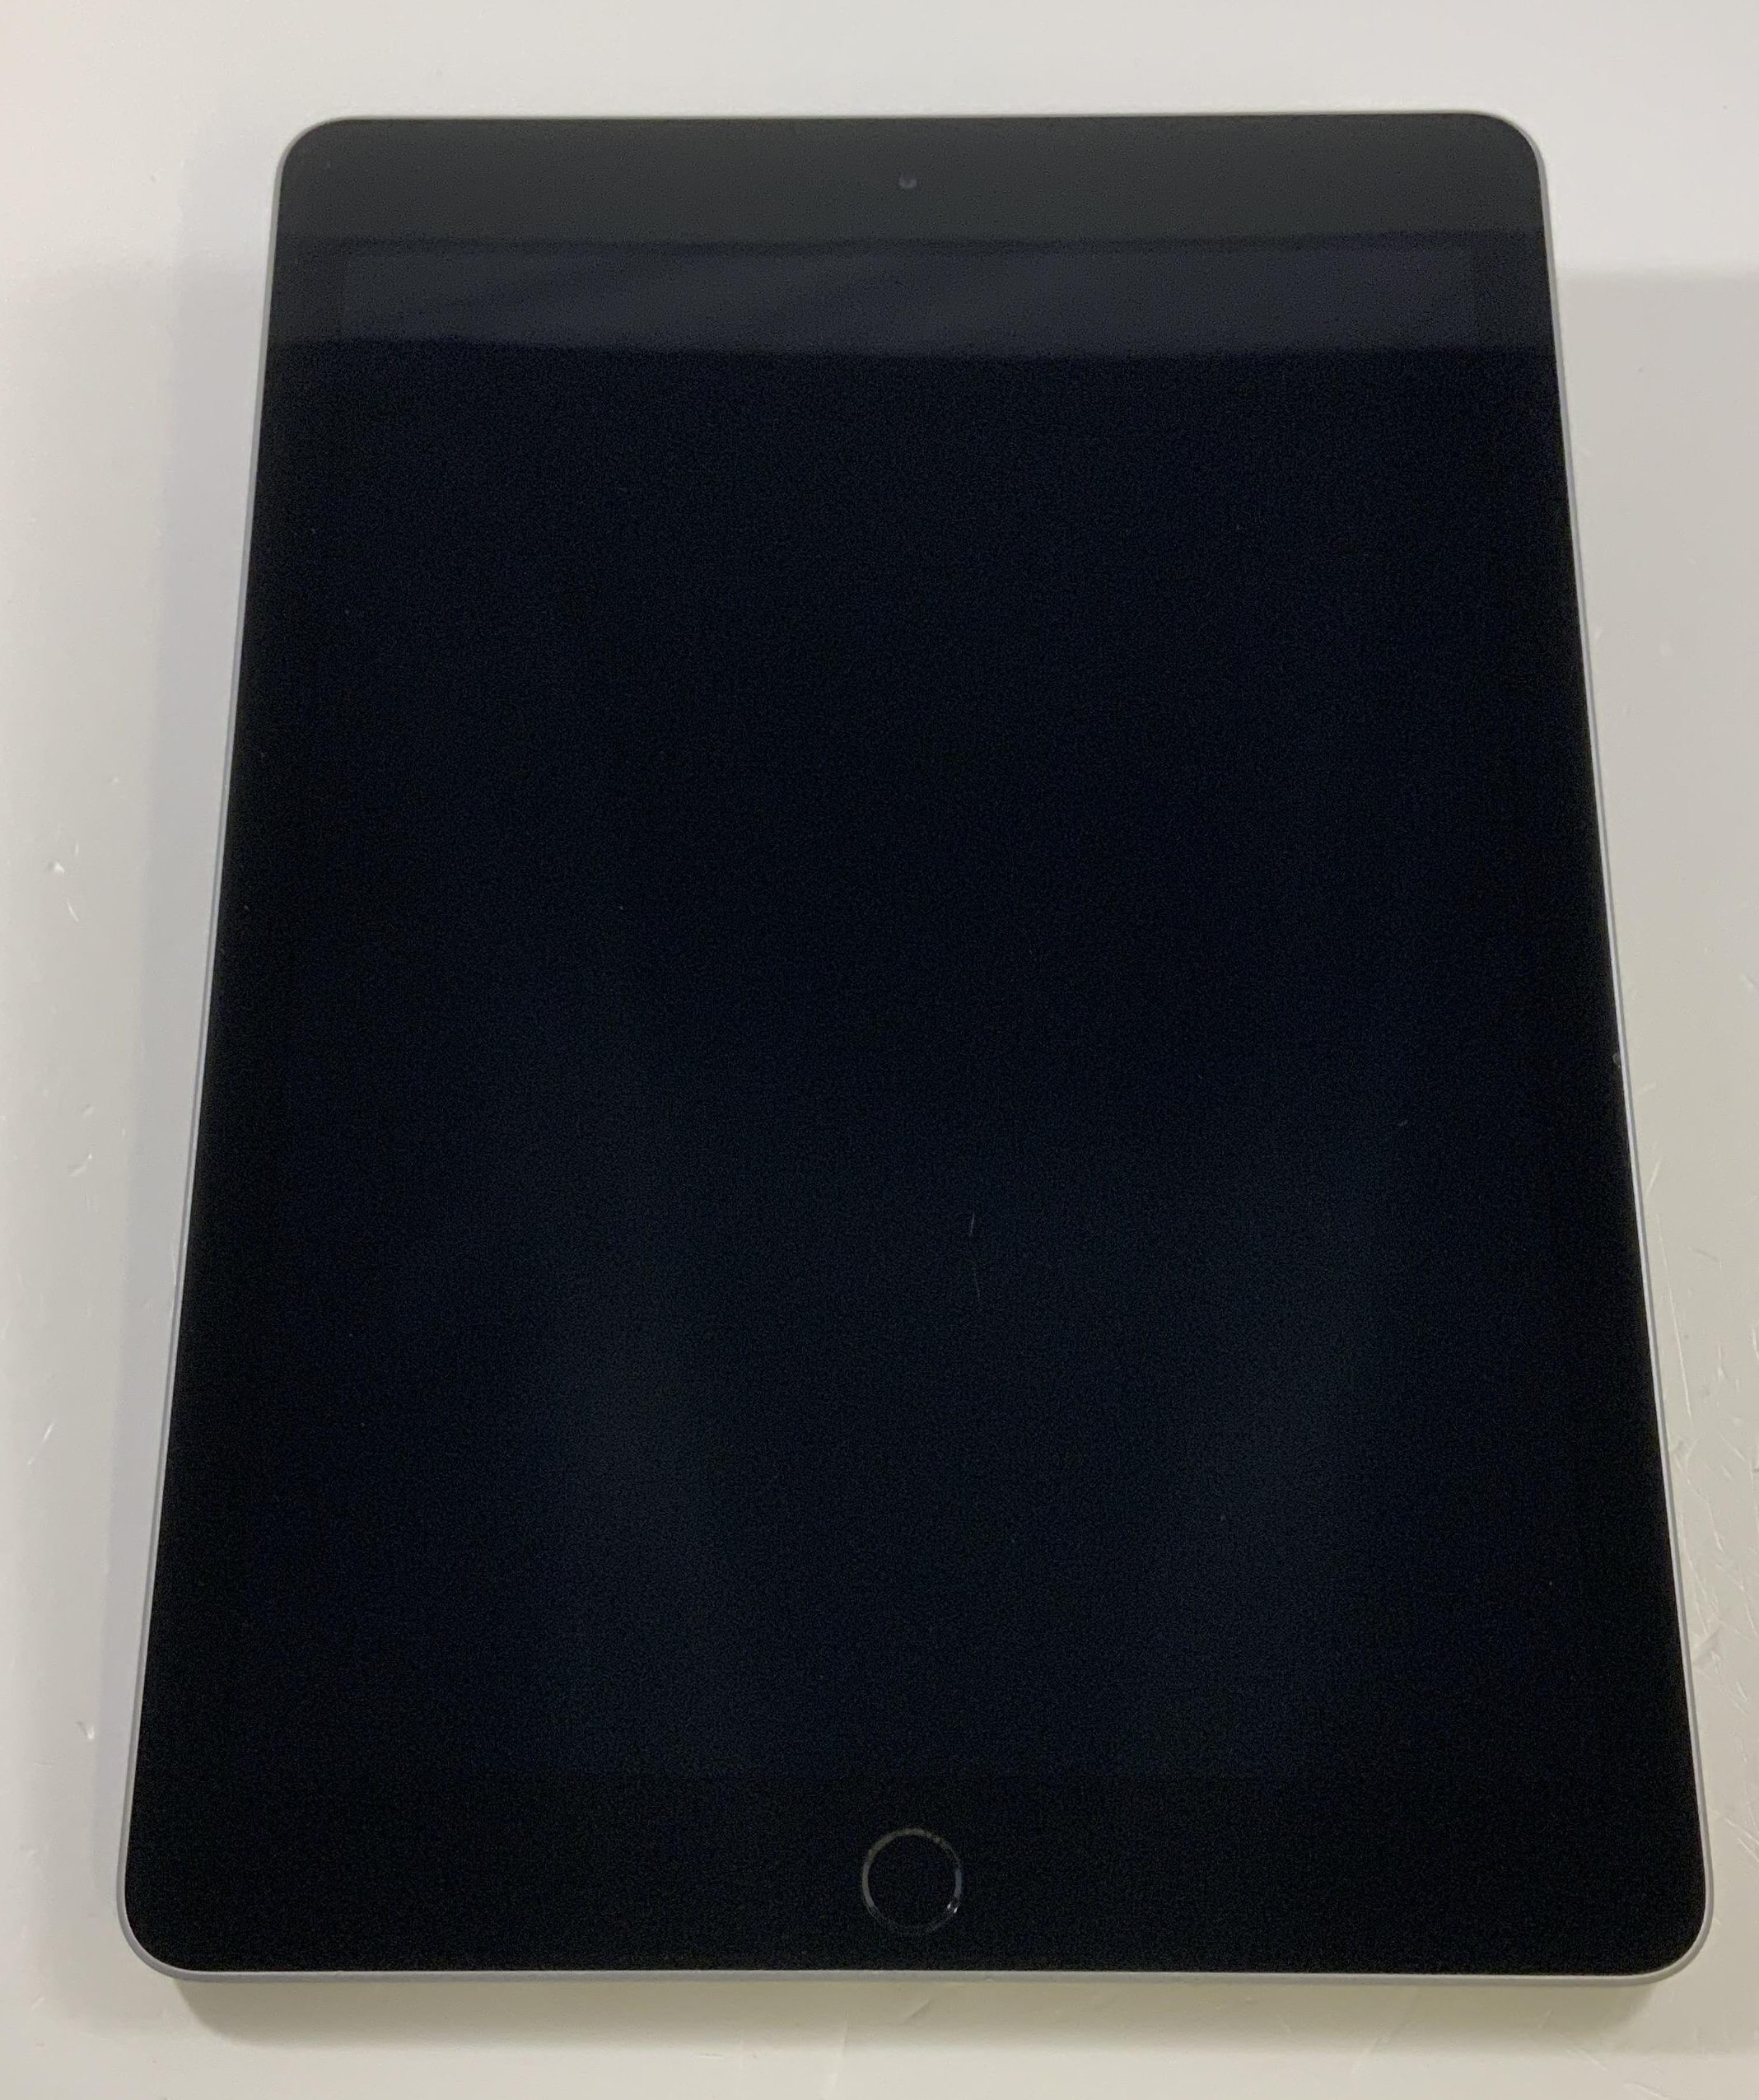 iPad 6 Wi-Fi 32GB, 32GB, Space Gray, imagen 1